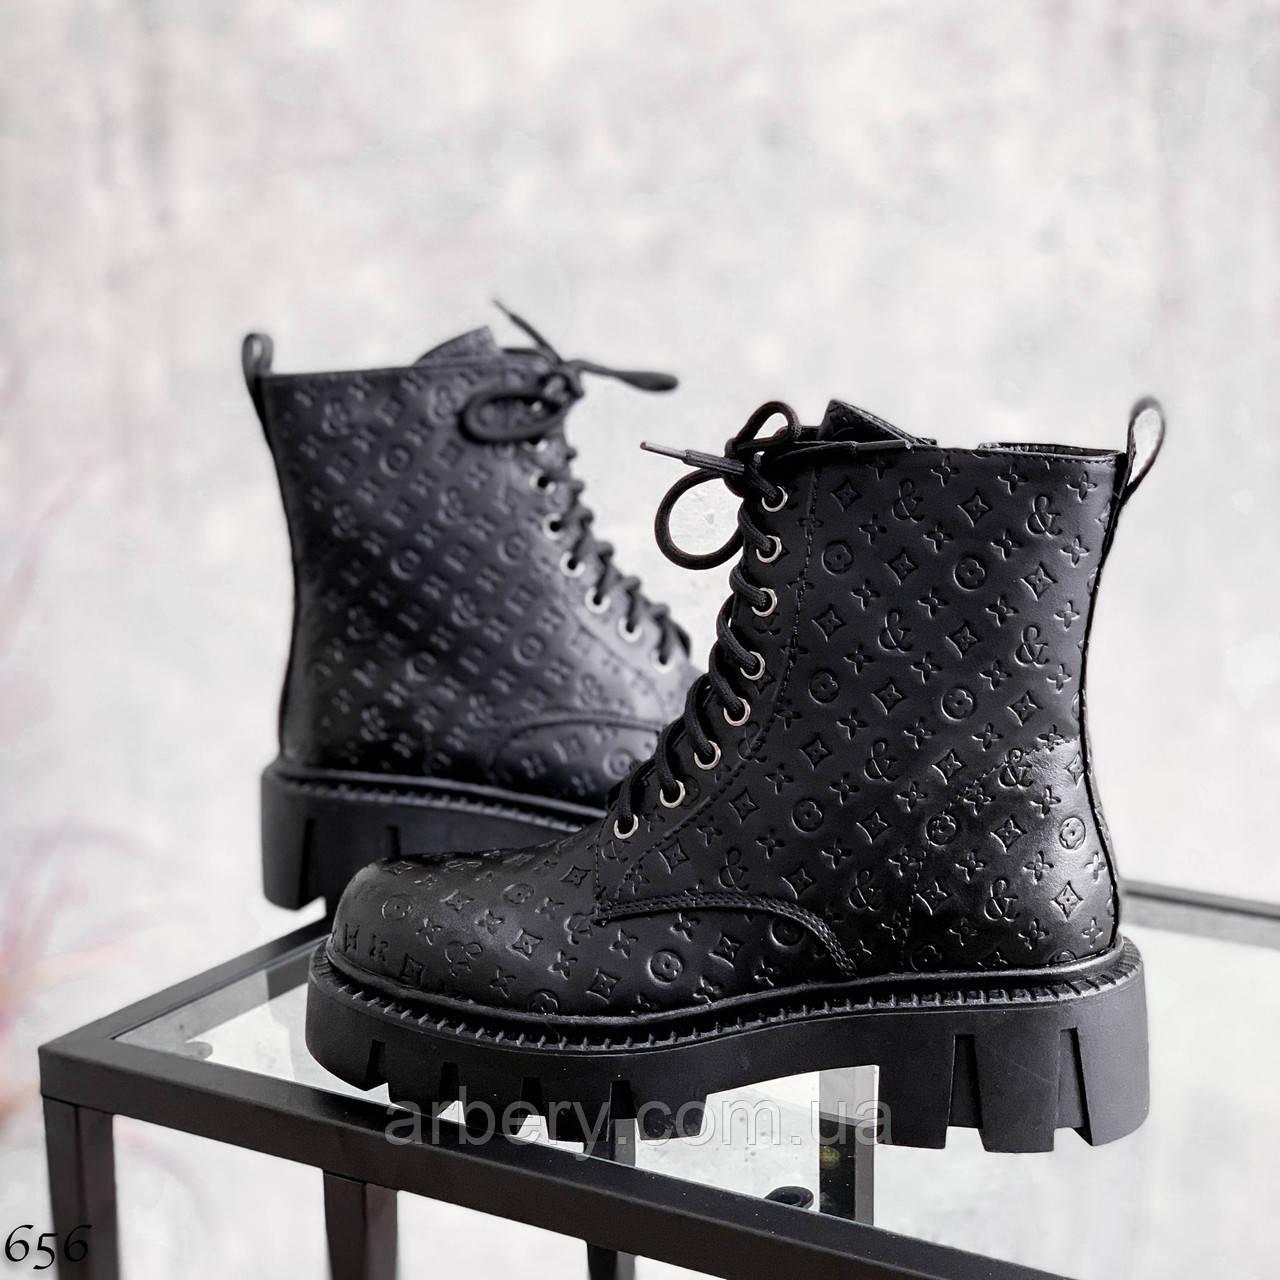 Шикарні черевики на шнурівці під бренд